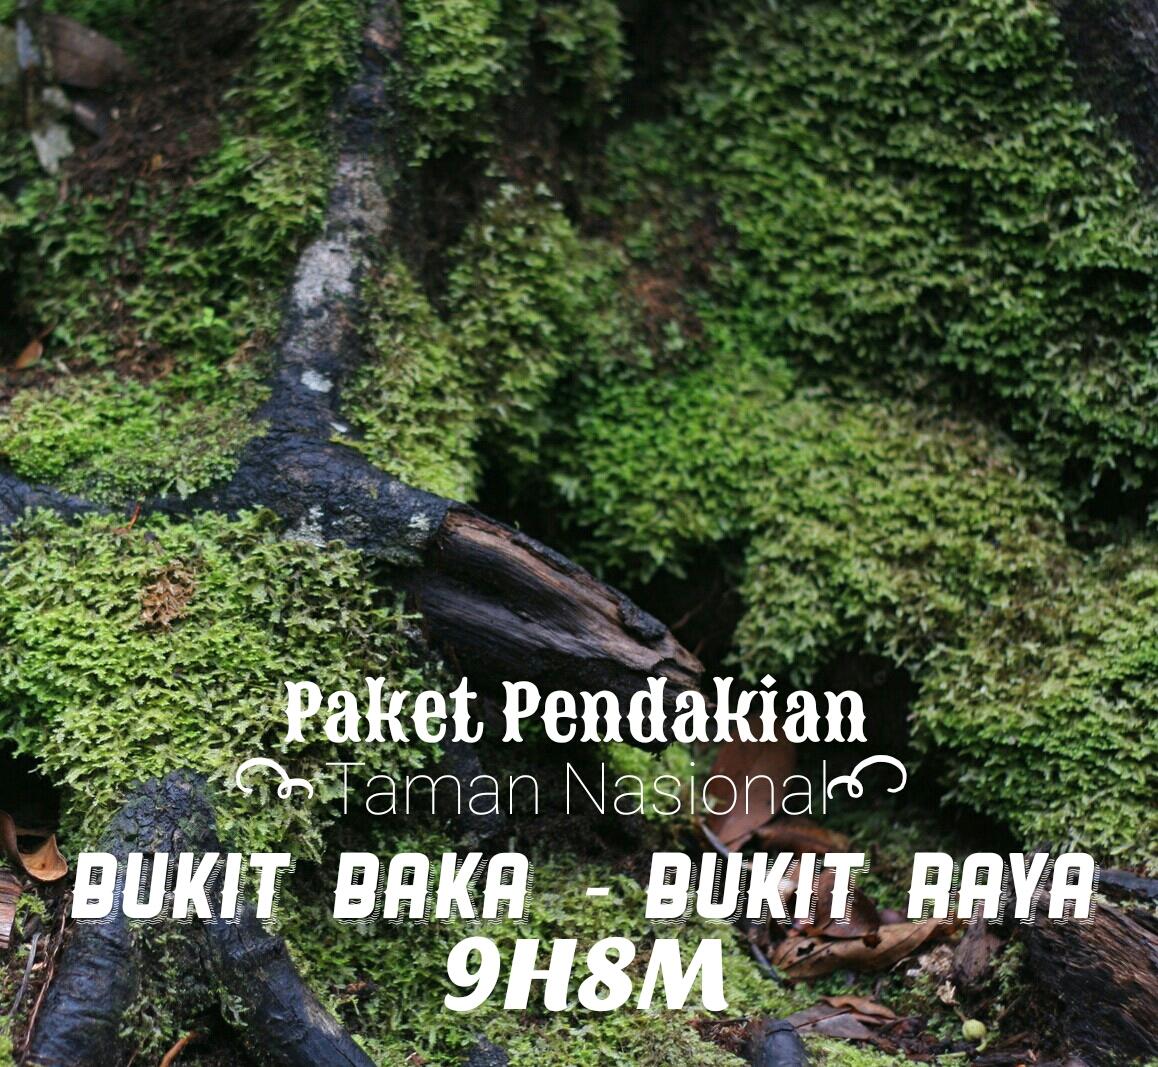 Explore Batu Dan Bromo 2h1m Be Borneo Tour Private Trip Malang Paket Pendakian Taman Nasional Buki